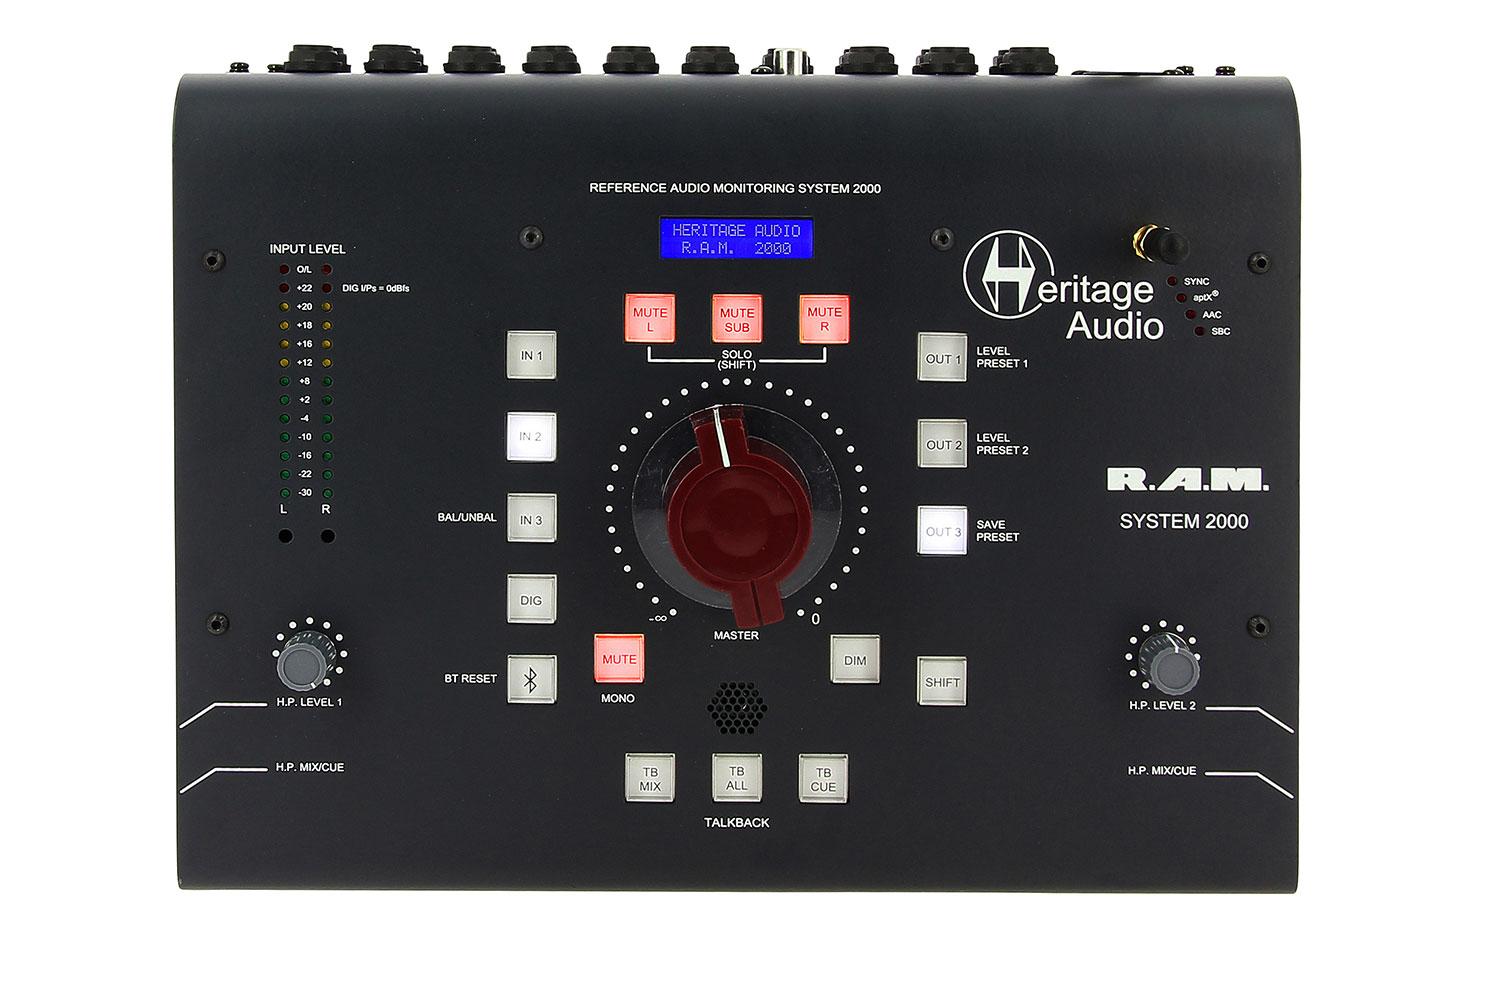 HERITAGE_AUDIO_RAM2000